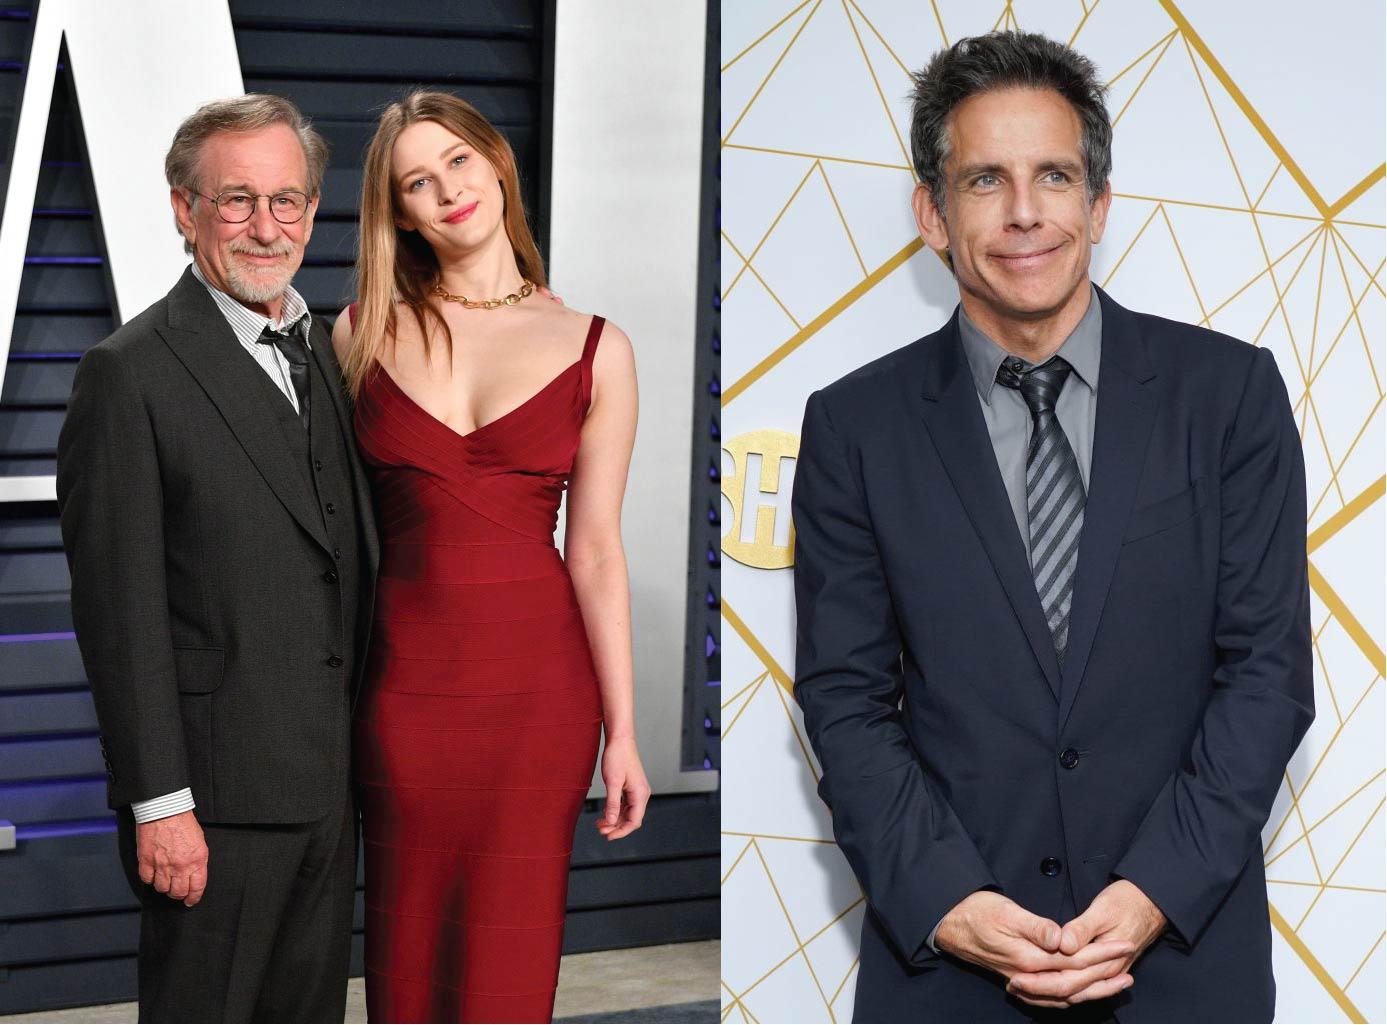 Ben Stiller Defends Destry Spielberg Against Producer Franklin Leonard - What Happened?